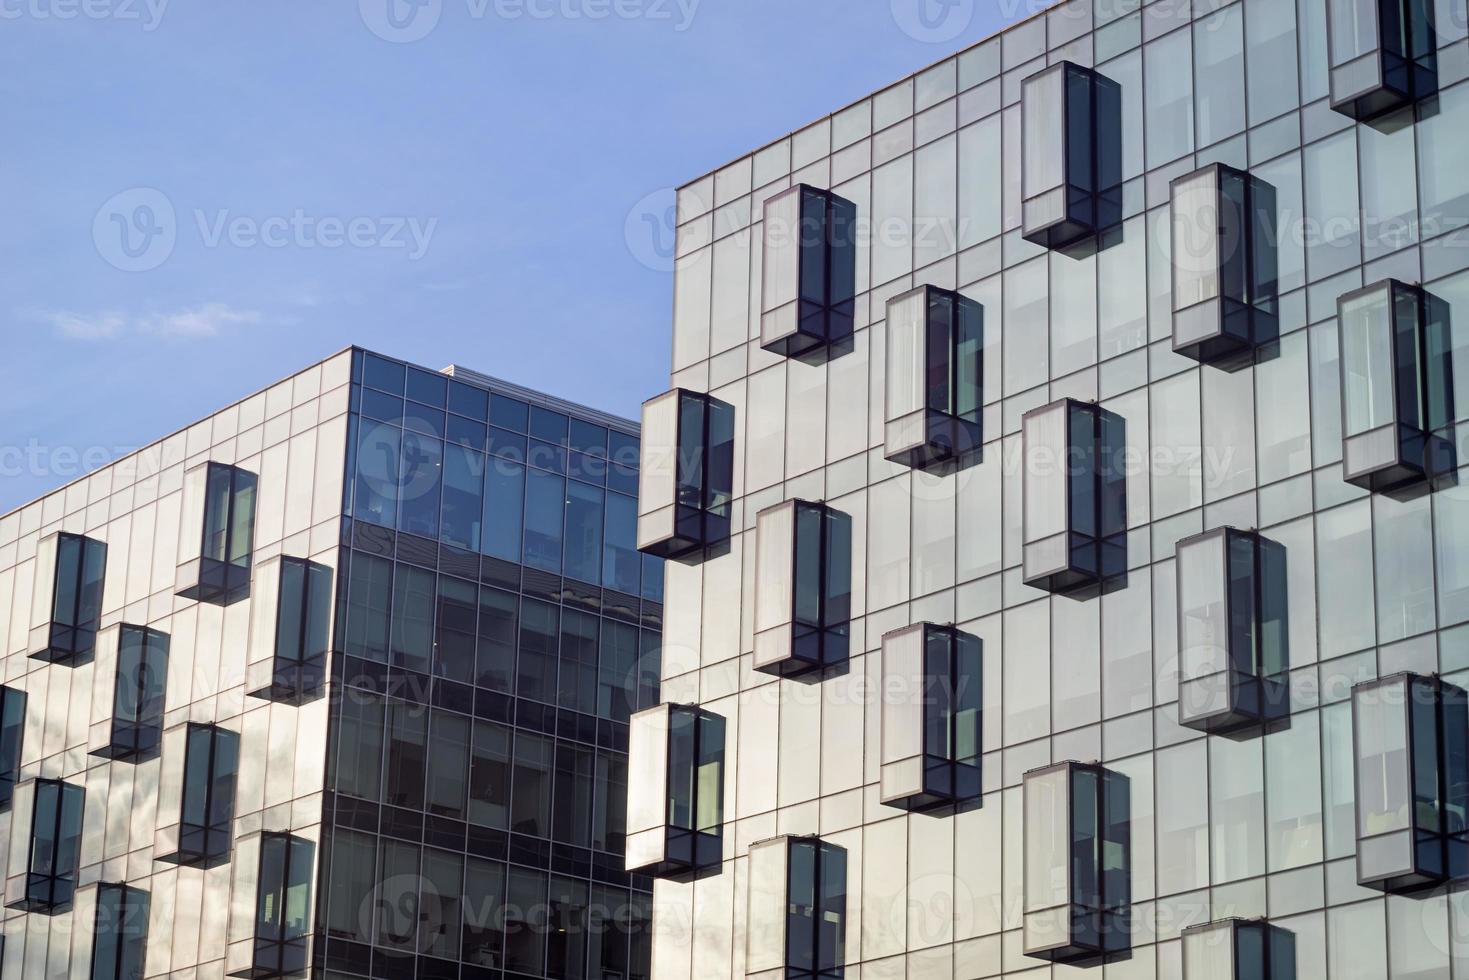 facciate di vetro degli edifici per uffici foto